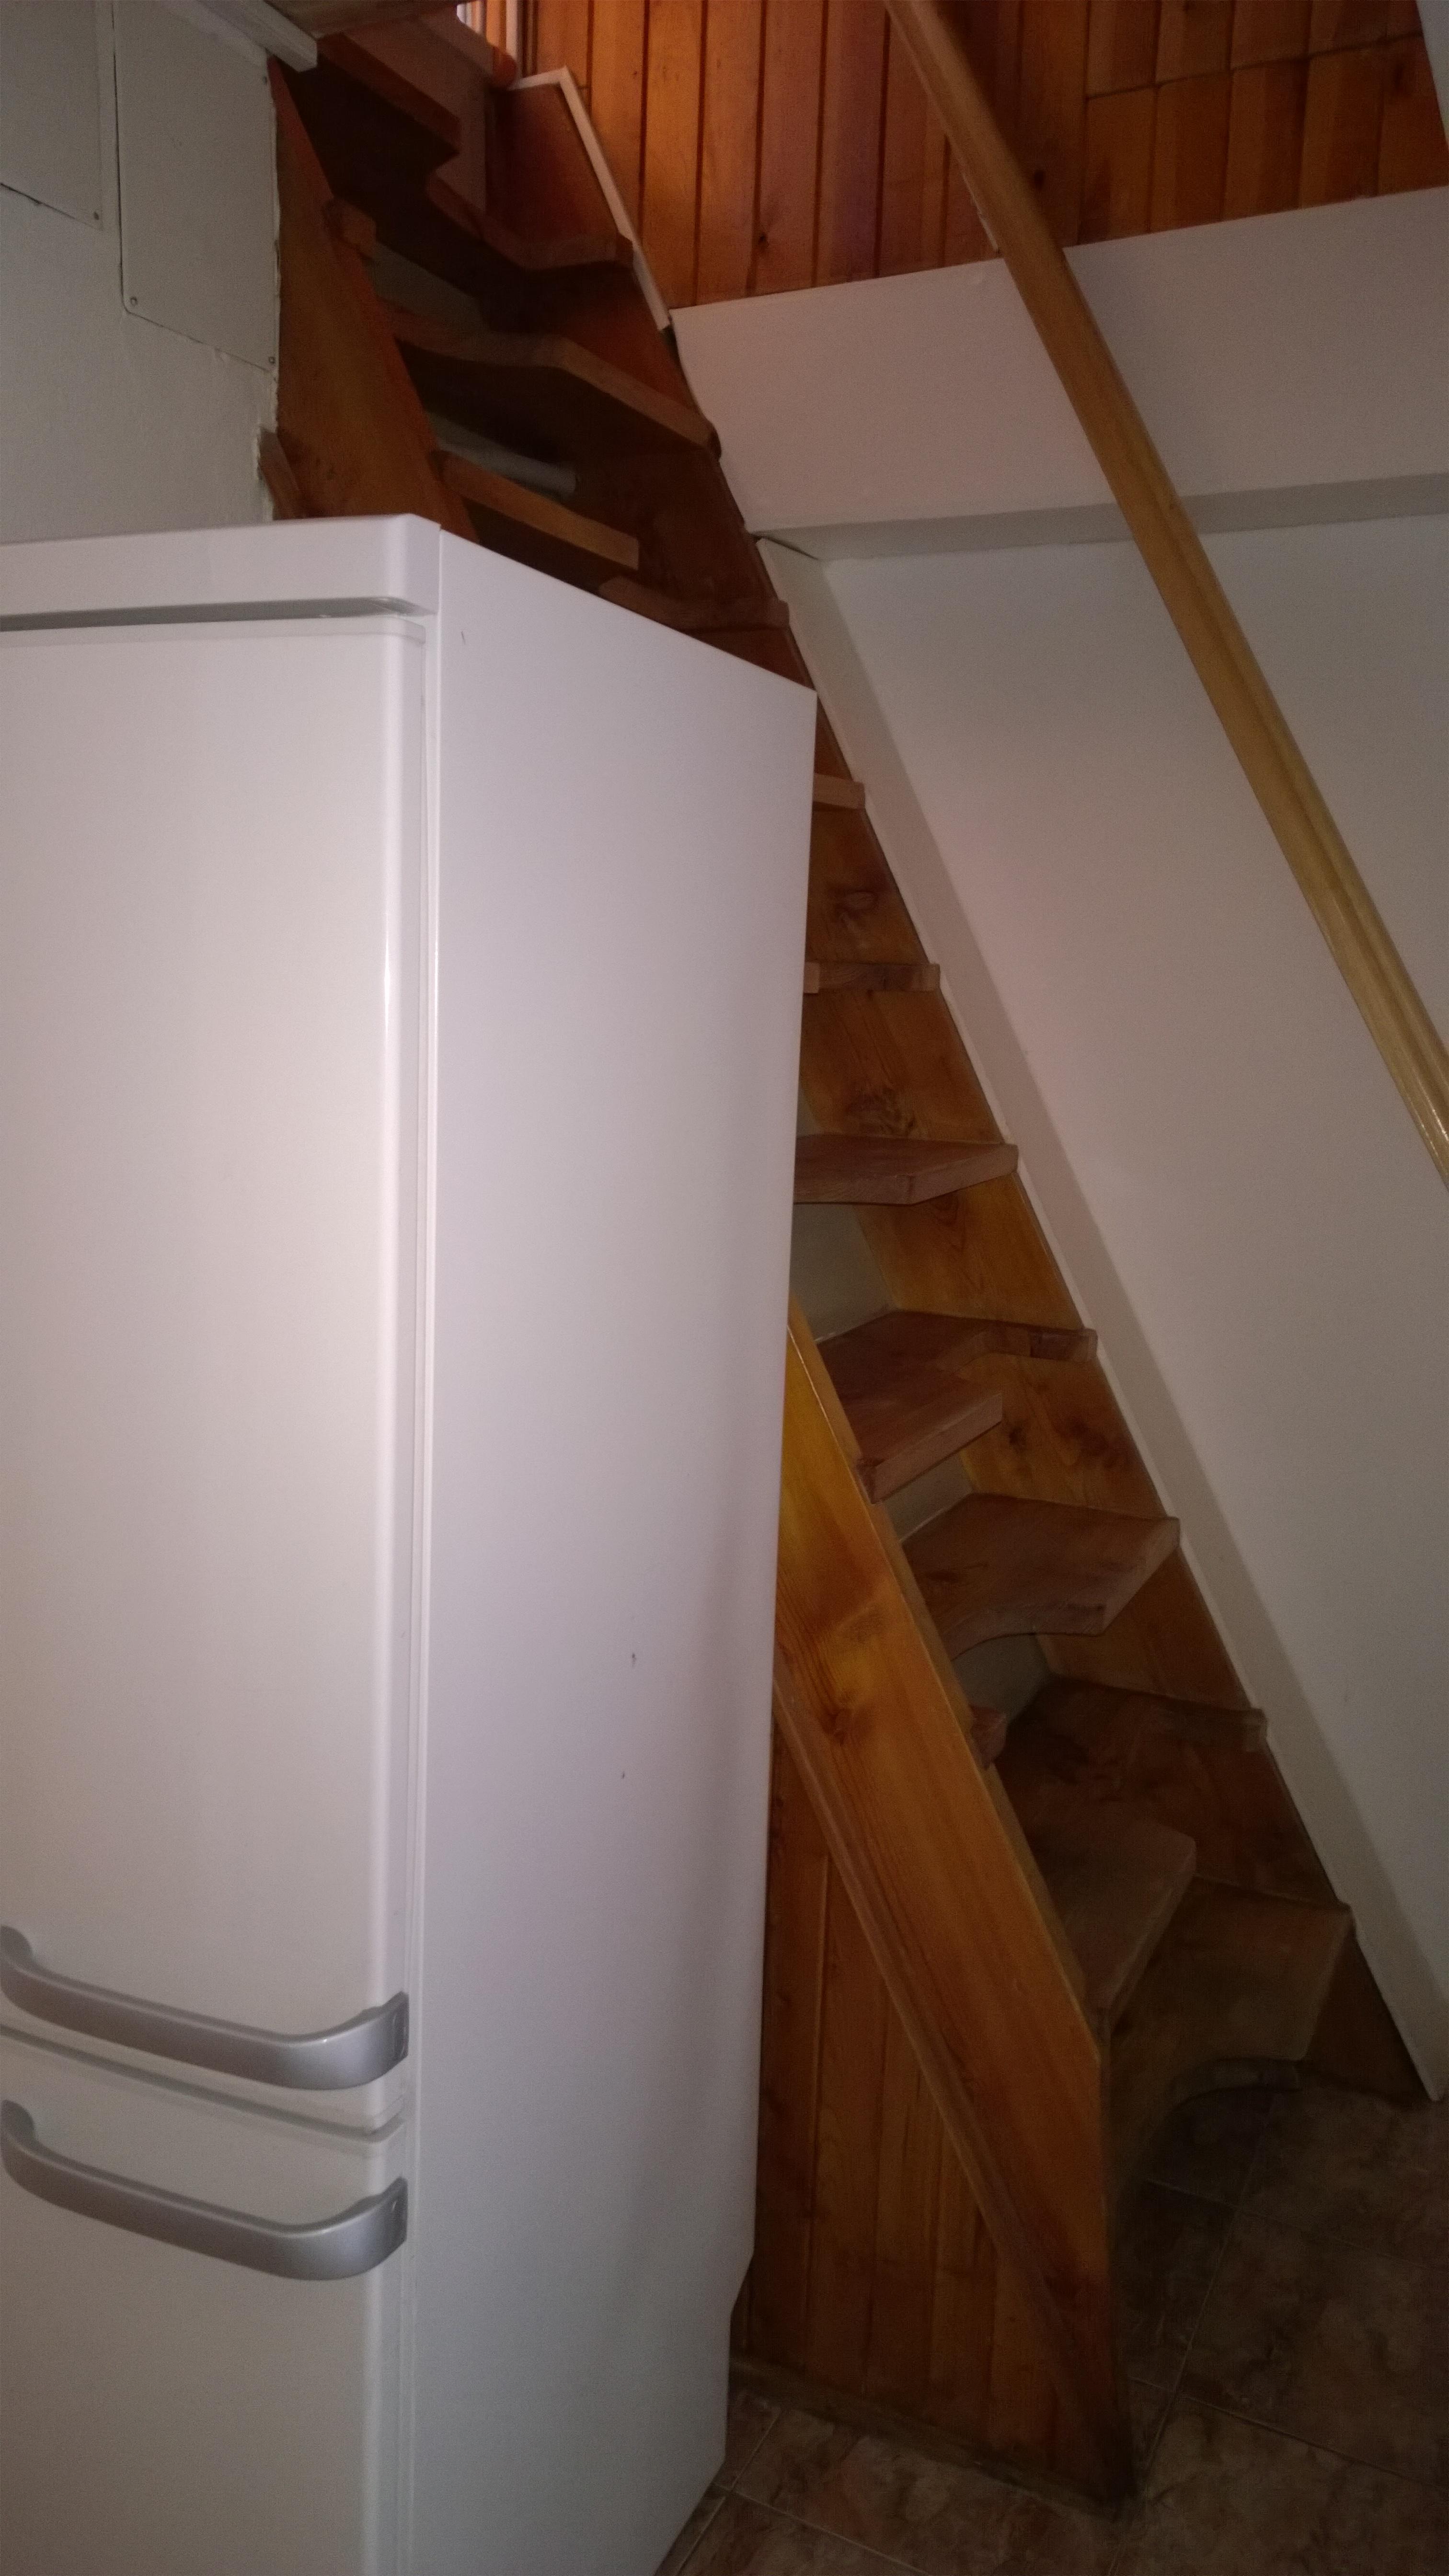 ap. C chodba a mlynářské schody do ložnic.jpg